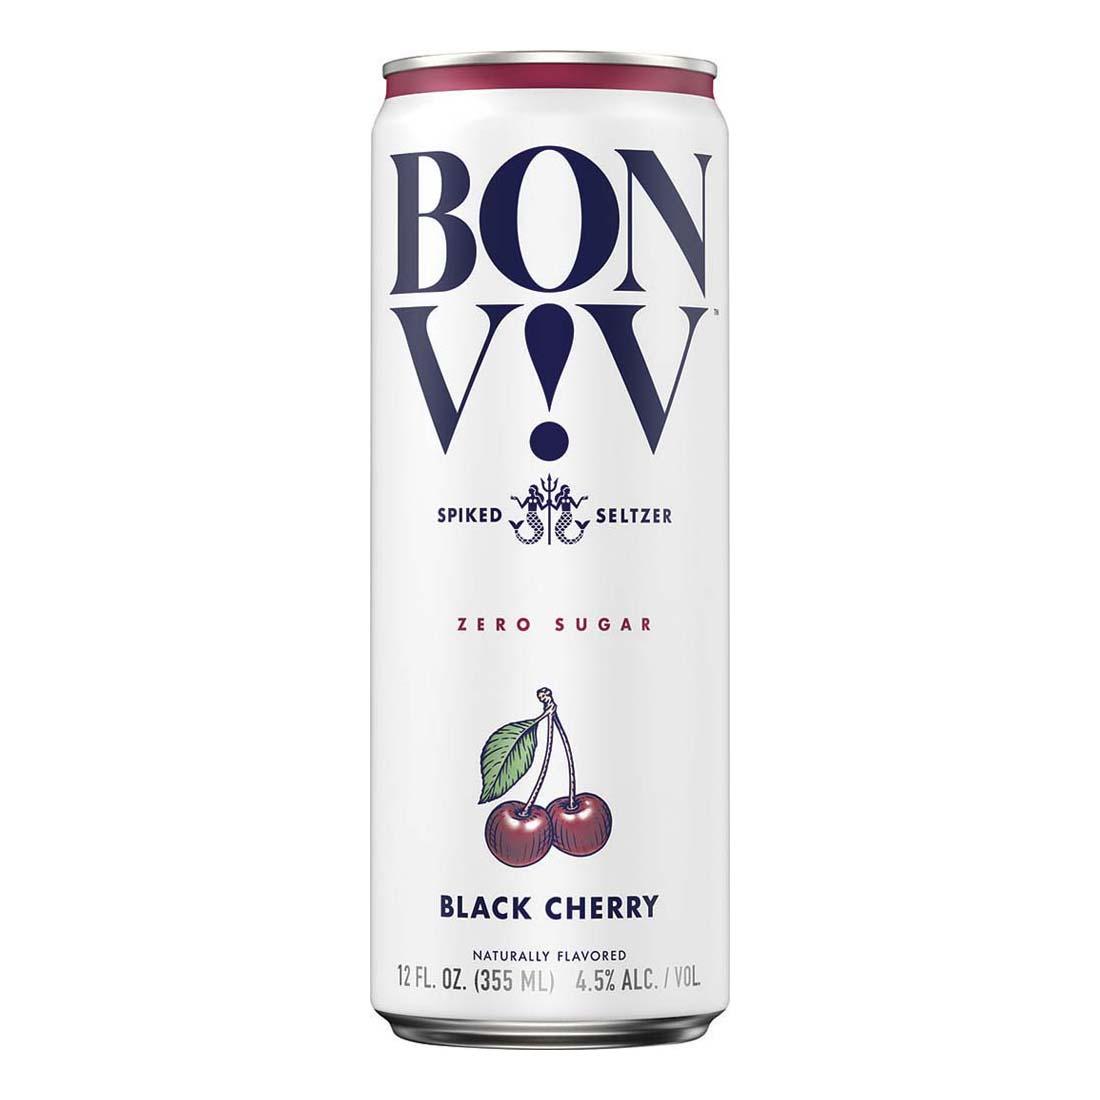 Bon & Viv Spiked Seltzer, Black Cherry